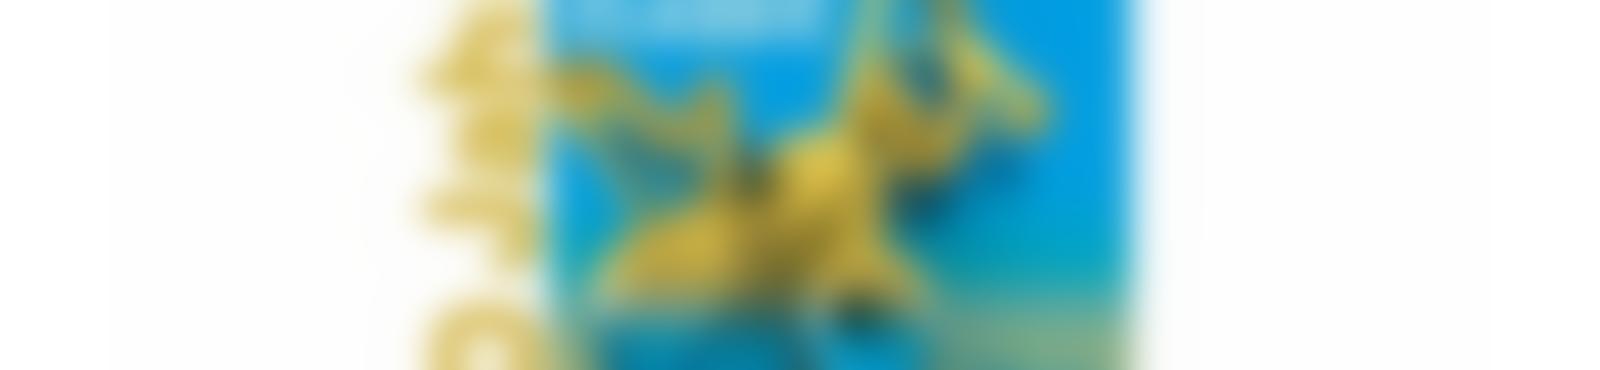 Blurred 21a809f5 dfbe 4786 b891 e3205acd6616